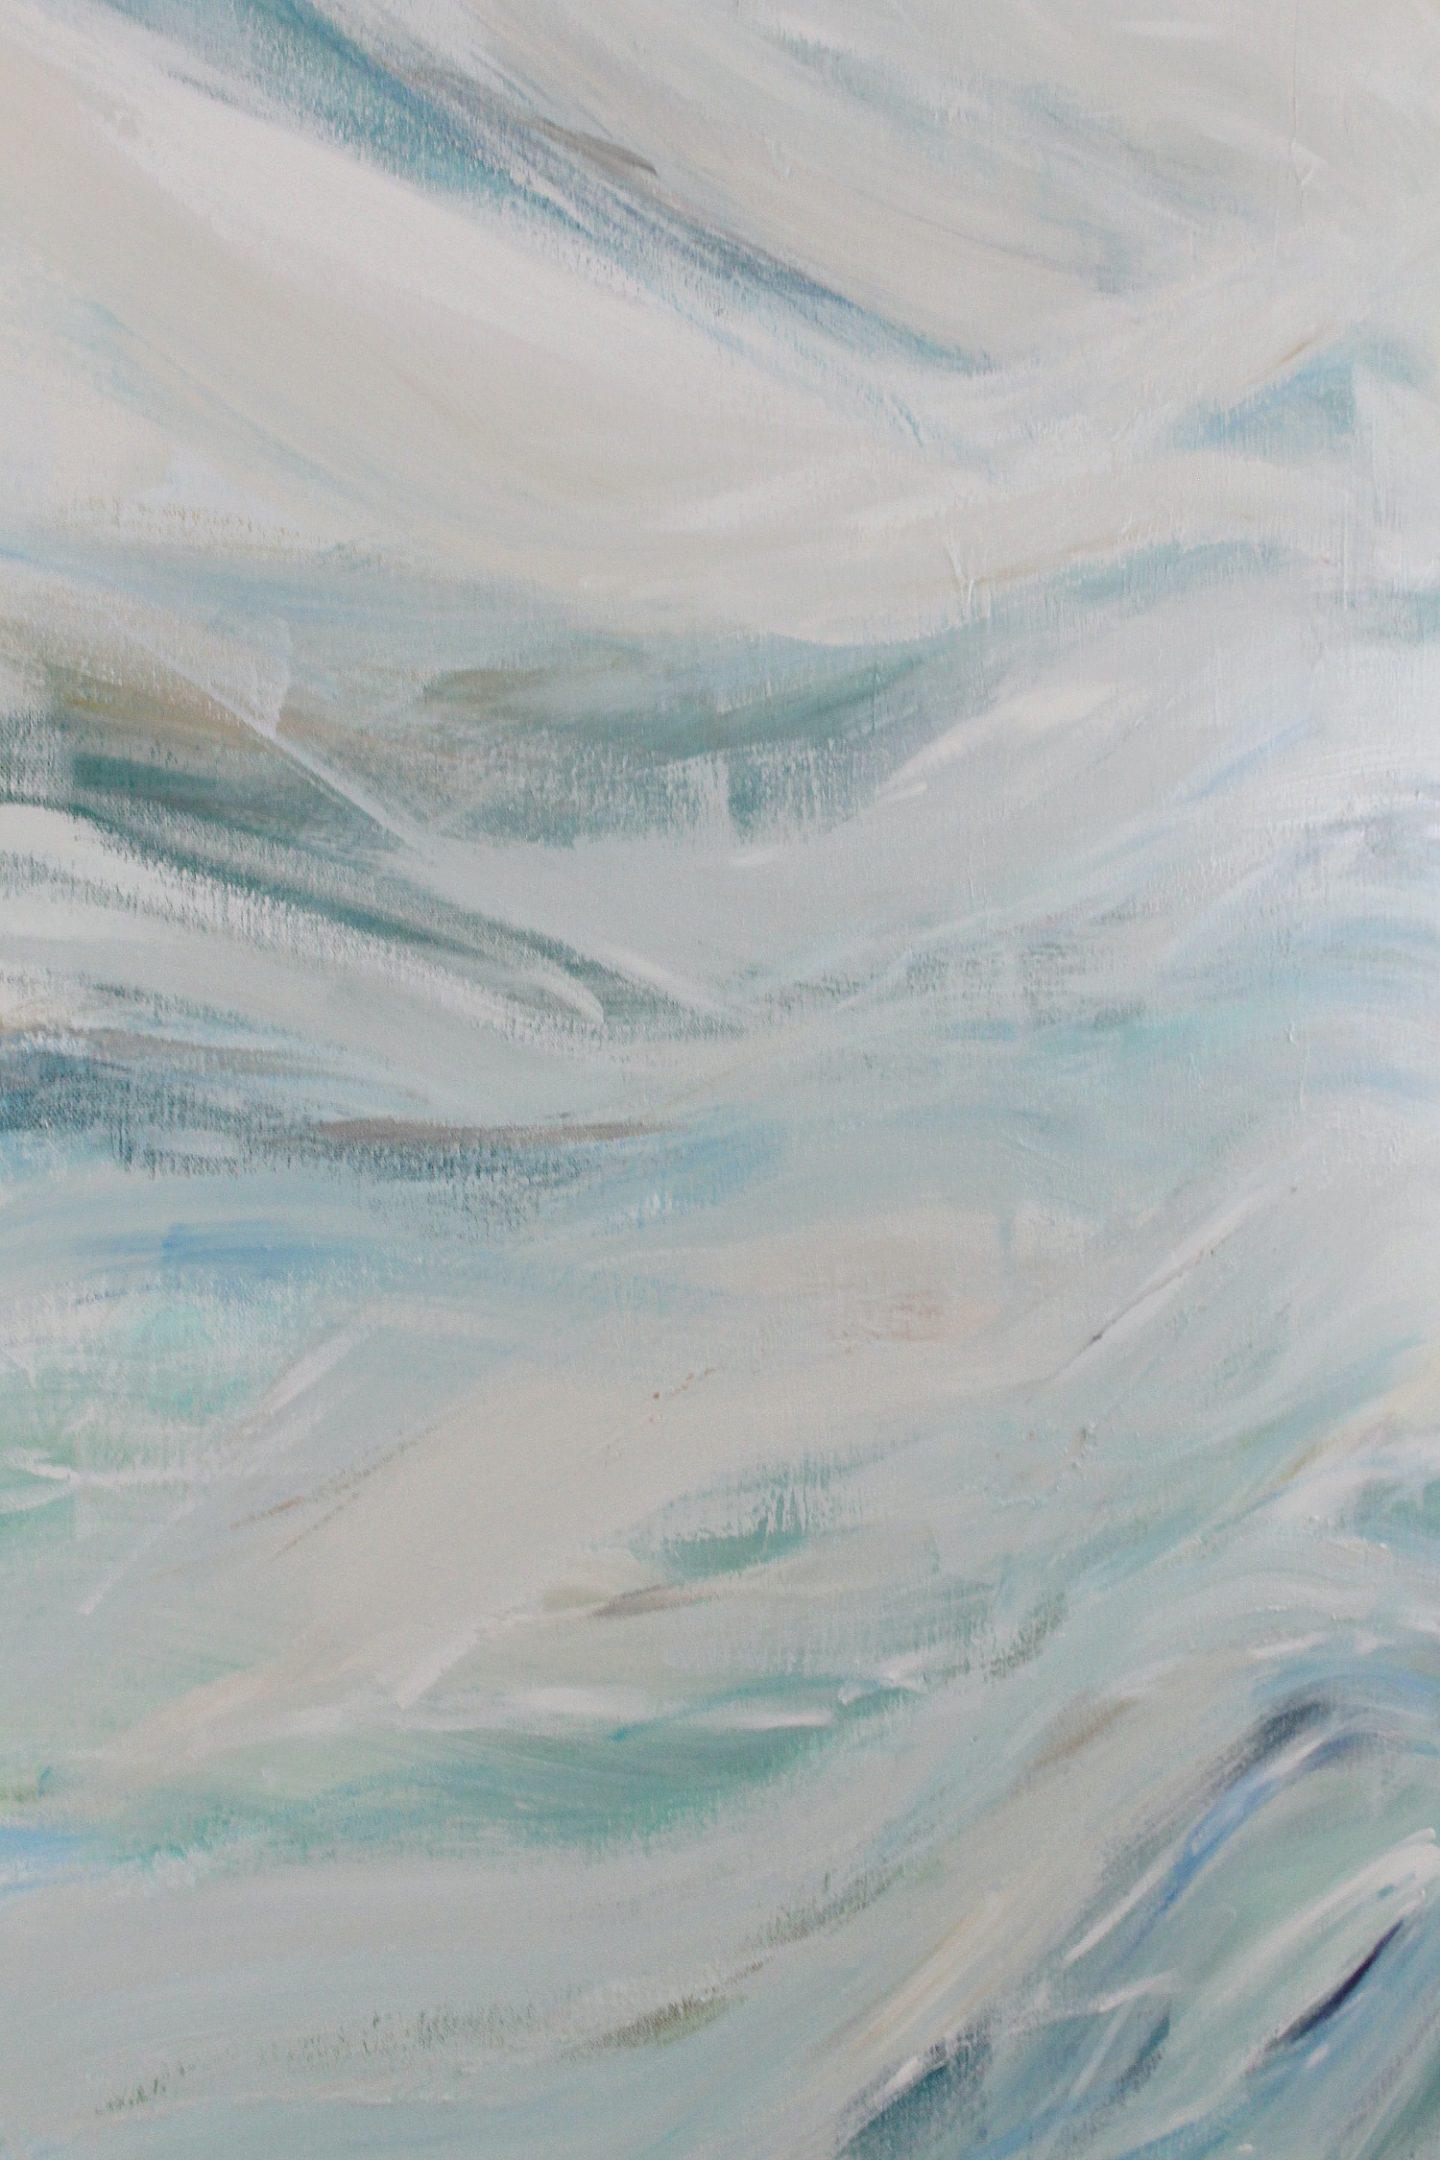 DIY Waves Painting